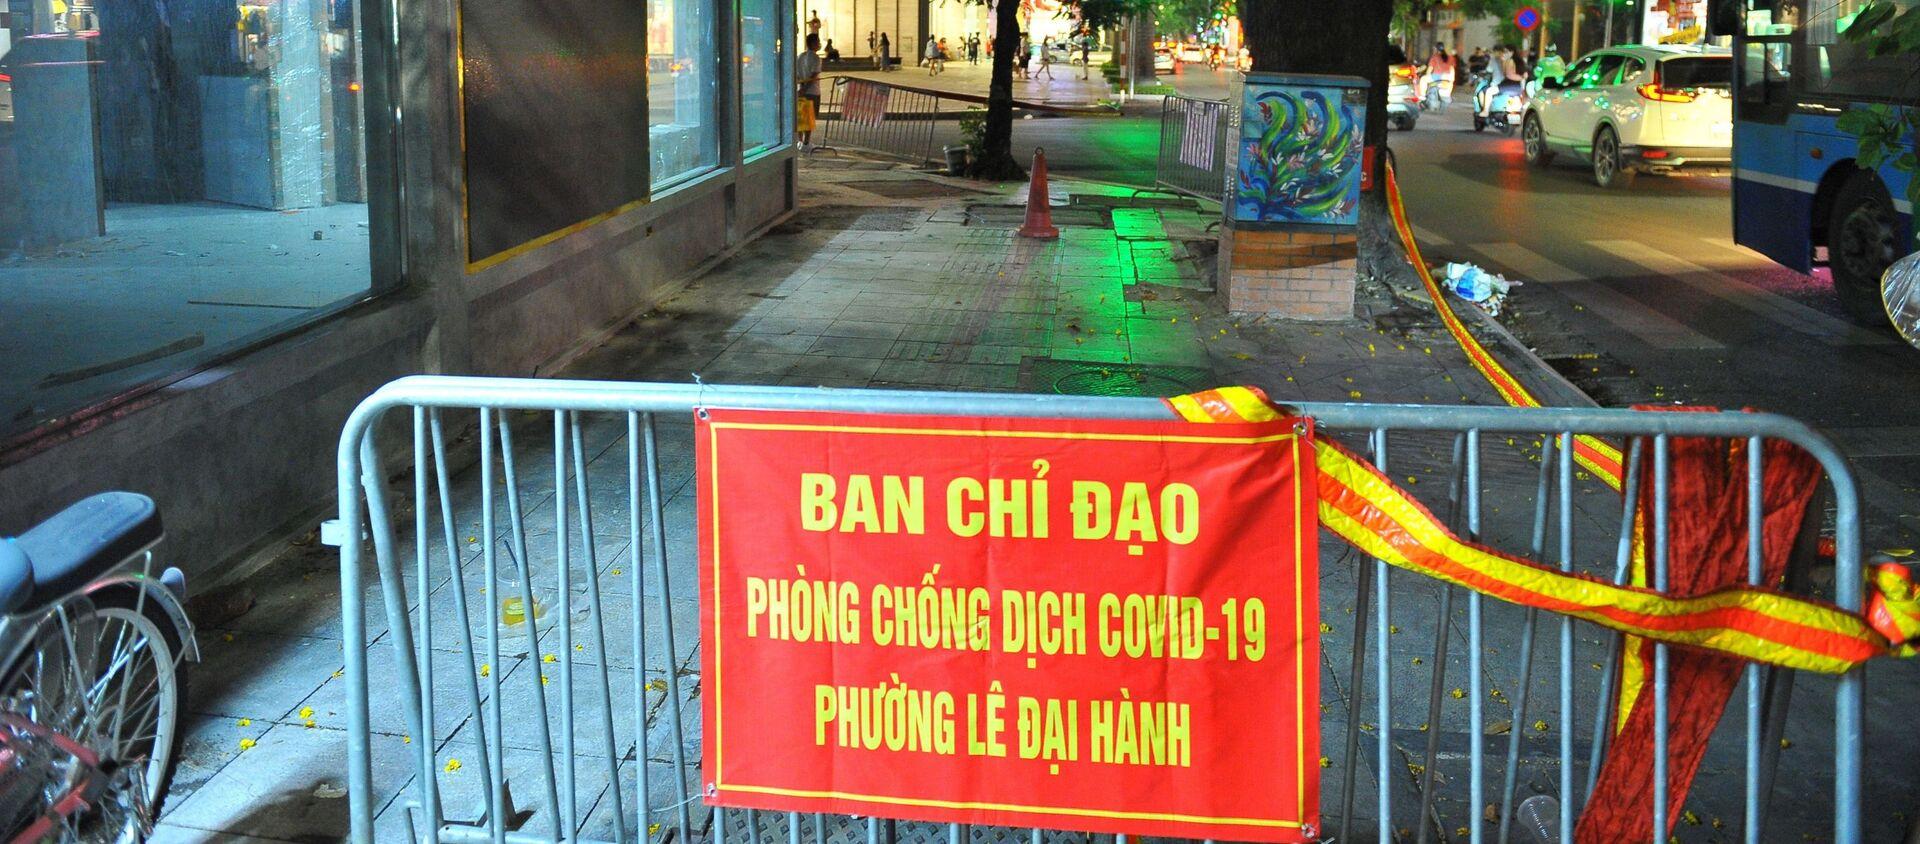 Liên quan ca mắc COVID-19, Hà Nội phong tỏa nhiều hàng quán ở quận Hai Bà Trưng - Sputnik Việt Nam, 1920, 12.07.2021